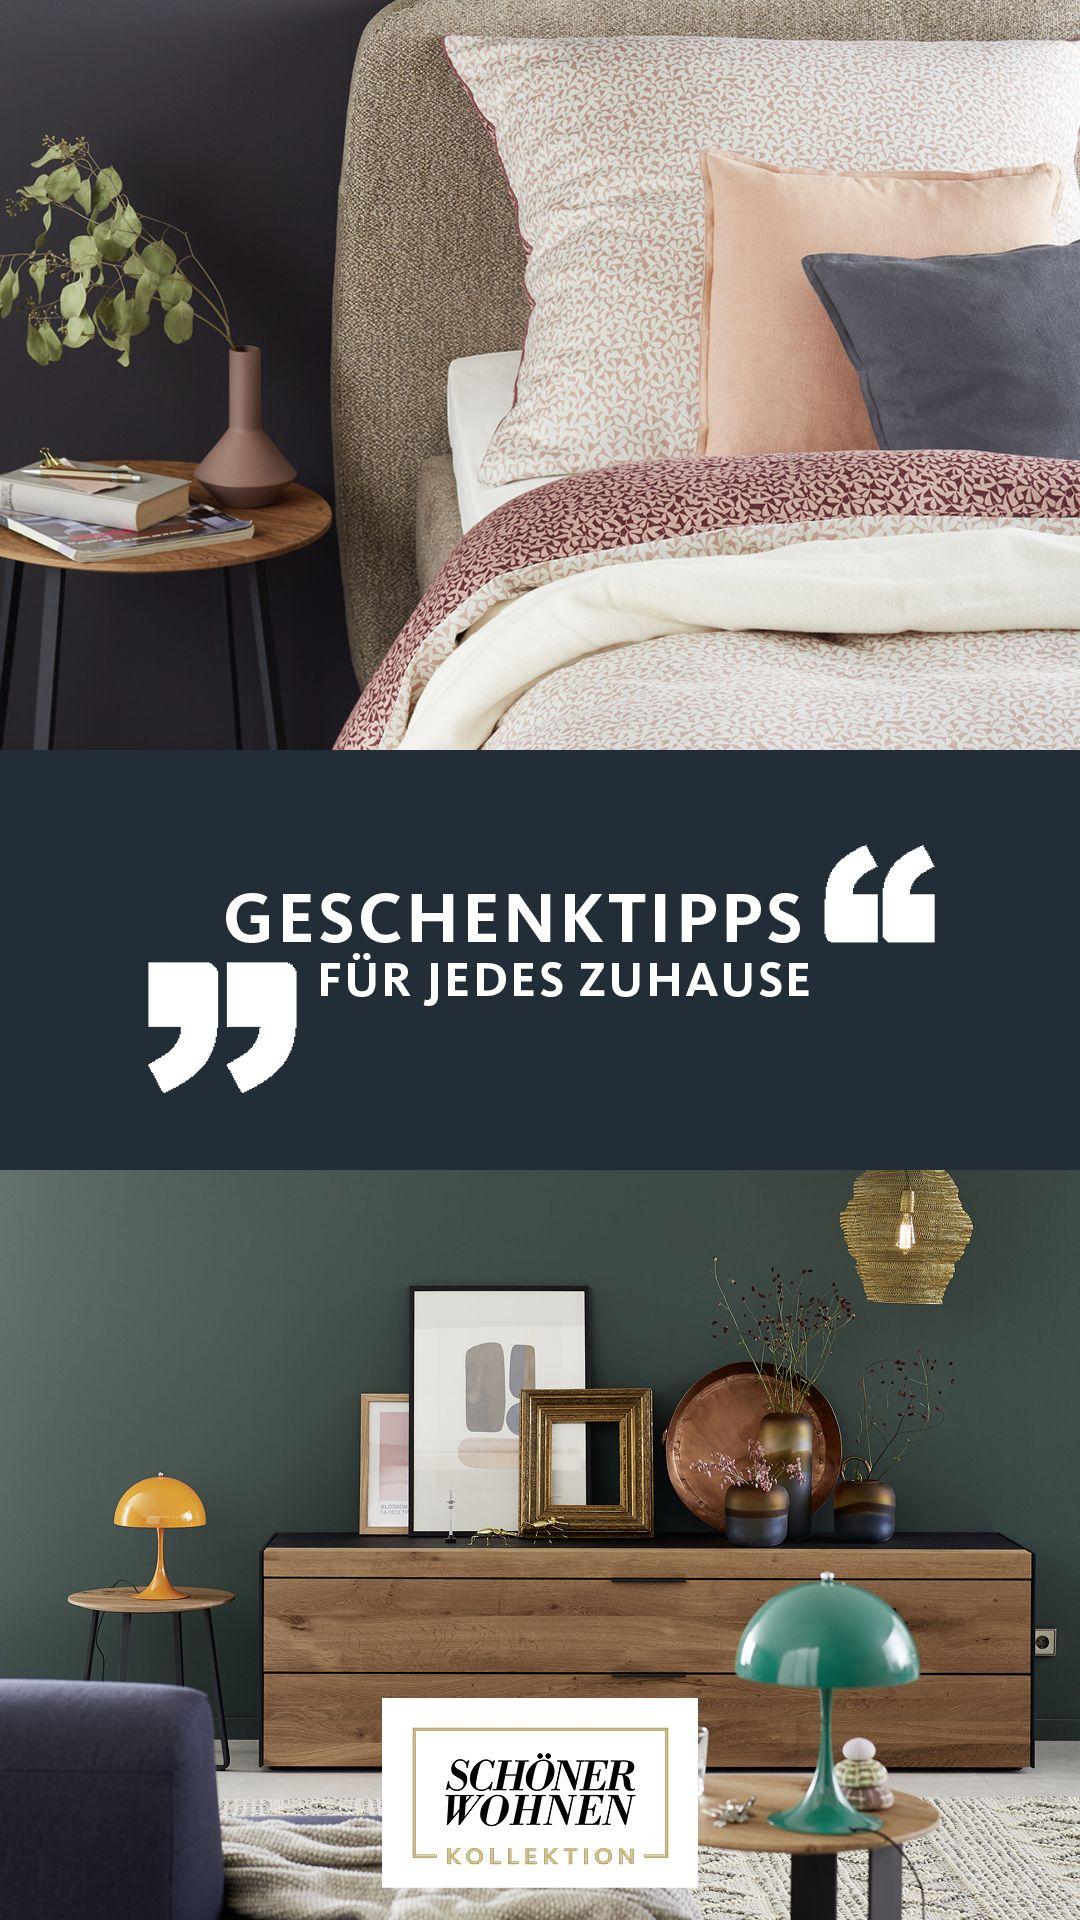 Schoner Wohnen Kollektion Geschenkideen Wohnen Haus Deko Schoner Wohnen